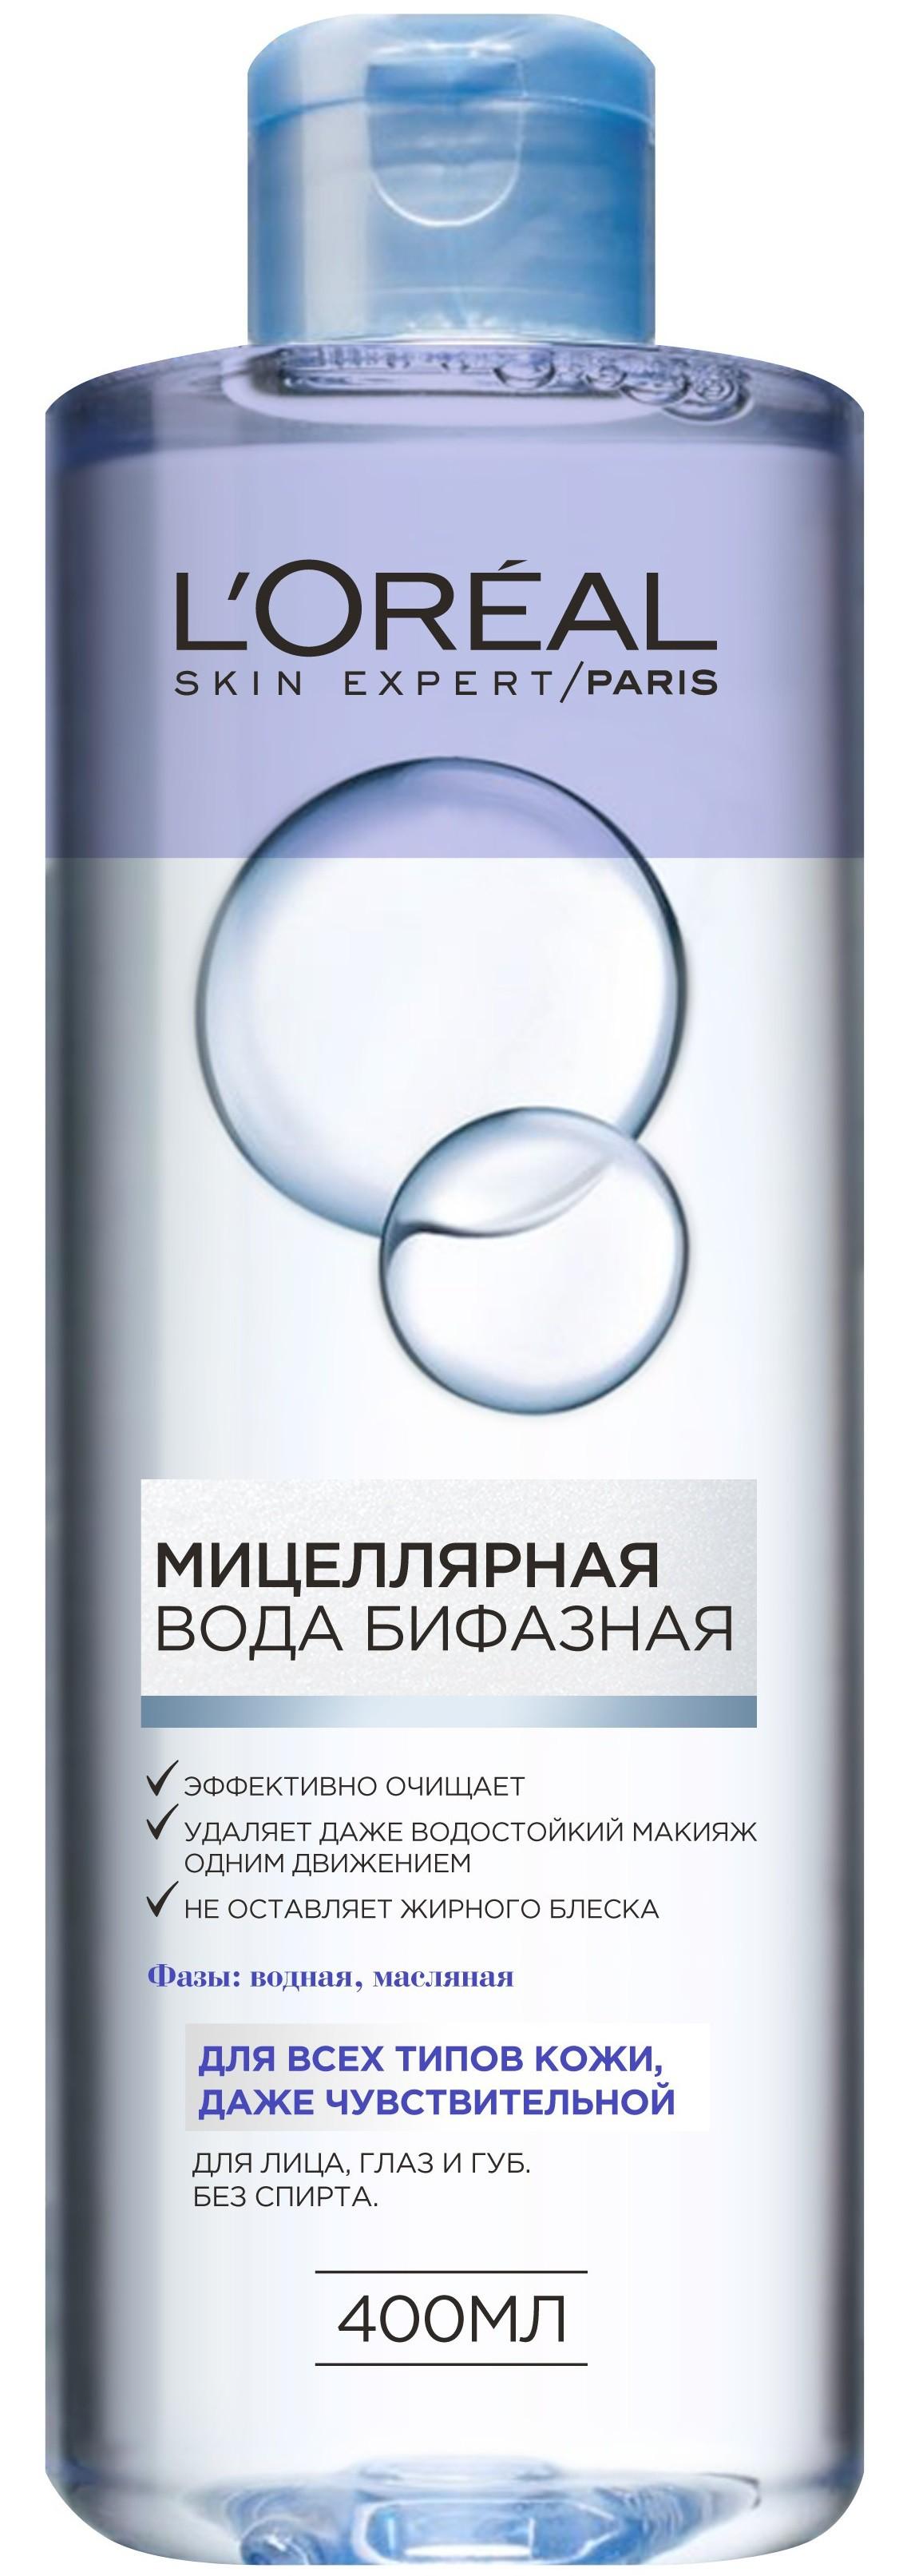 LOreal Paris Мицeллярная вода Бифазная, для всех типов кожи, 400 мл20011456Мицеллярная вода сочетает в себе эффективное и в то же время мягкое очищение. Продукт содержит в себе две фазы: водную, с мицеллами, захватывающими загрязнения с кожи, и темно-синюю, масляную, которая удаляет даже водостойкий макияж. Мицеллярная вода - это больше, чем просто удаление макияжа и очищение. Средство на основе мицеллярной воды, обогащенной очищающими маслами, захватывает загрязнения, не оставляя жирного блеска, и обладает смягчающим действием. Одним движением без лишнего трения мицеллярная вода мгновенно удаляет даже водостойкий макияж, придавая коже ощущение комфорта.